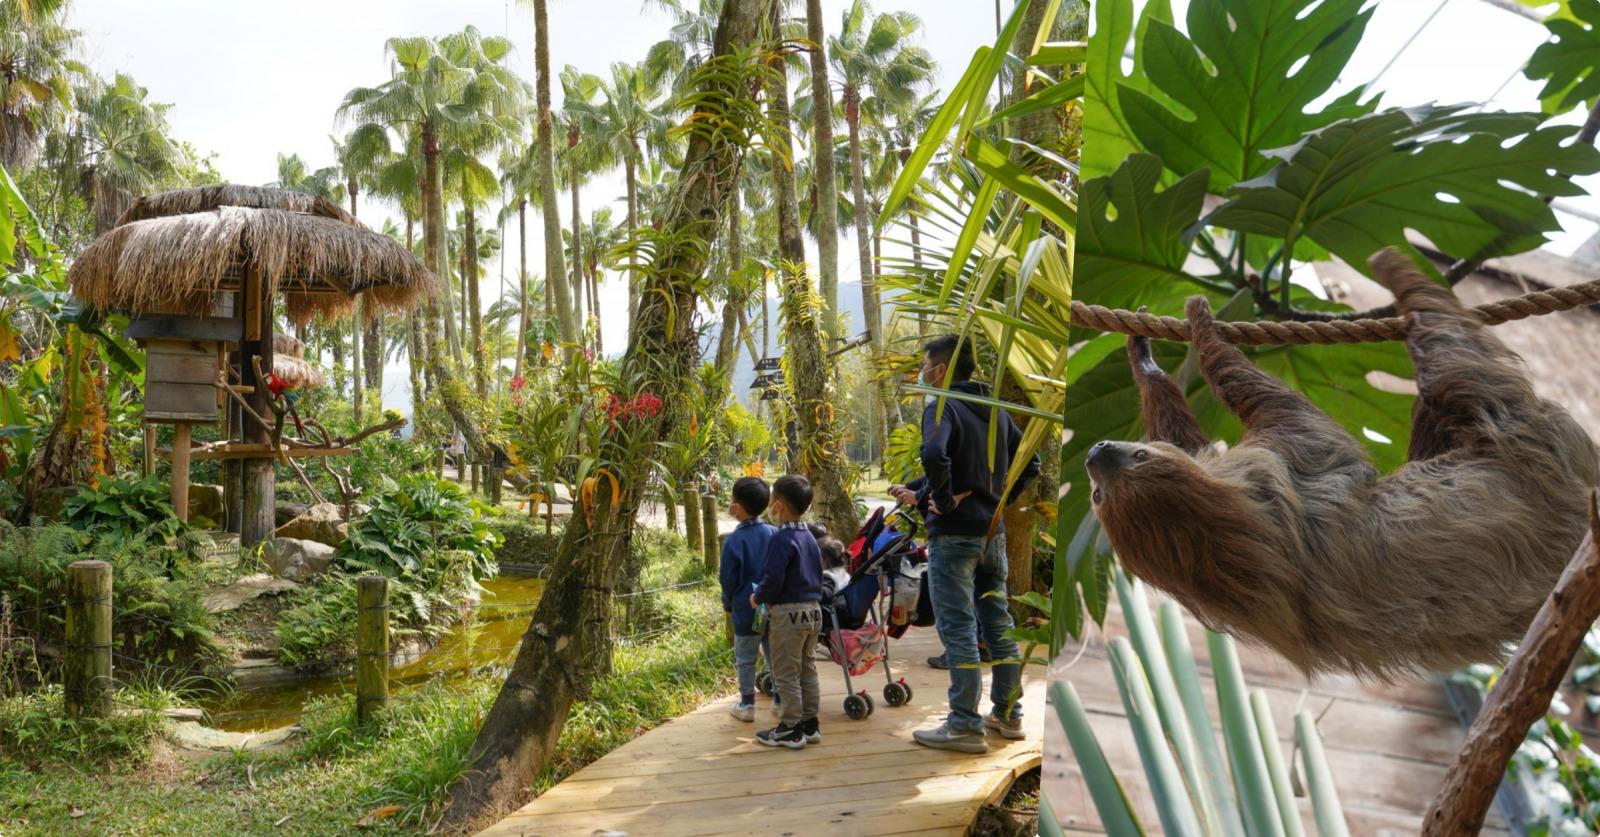 即時熱門文章:新竹親子景點》綠世界生態農場・玩樂攻略,來大草皮野餐和可愛羊駝、鵜鶘、樹懶互動,門票優惠及園區地圖、北埔一日遊景點